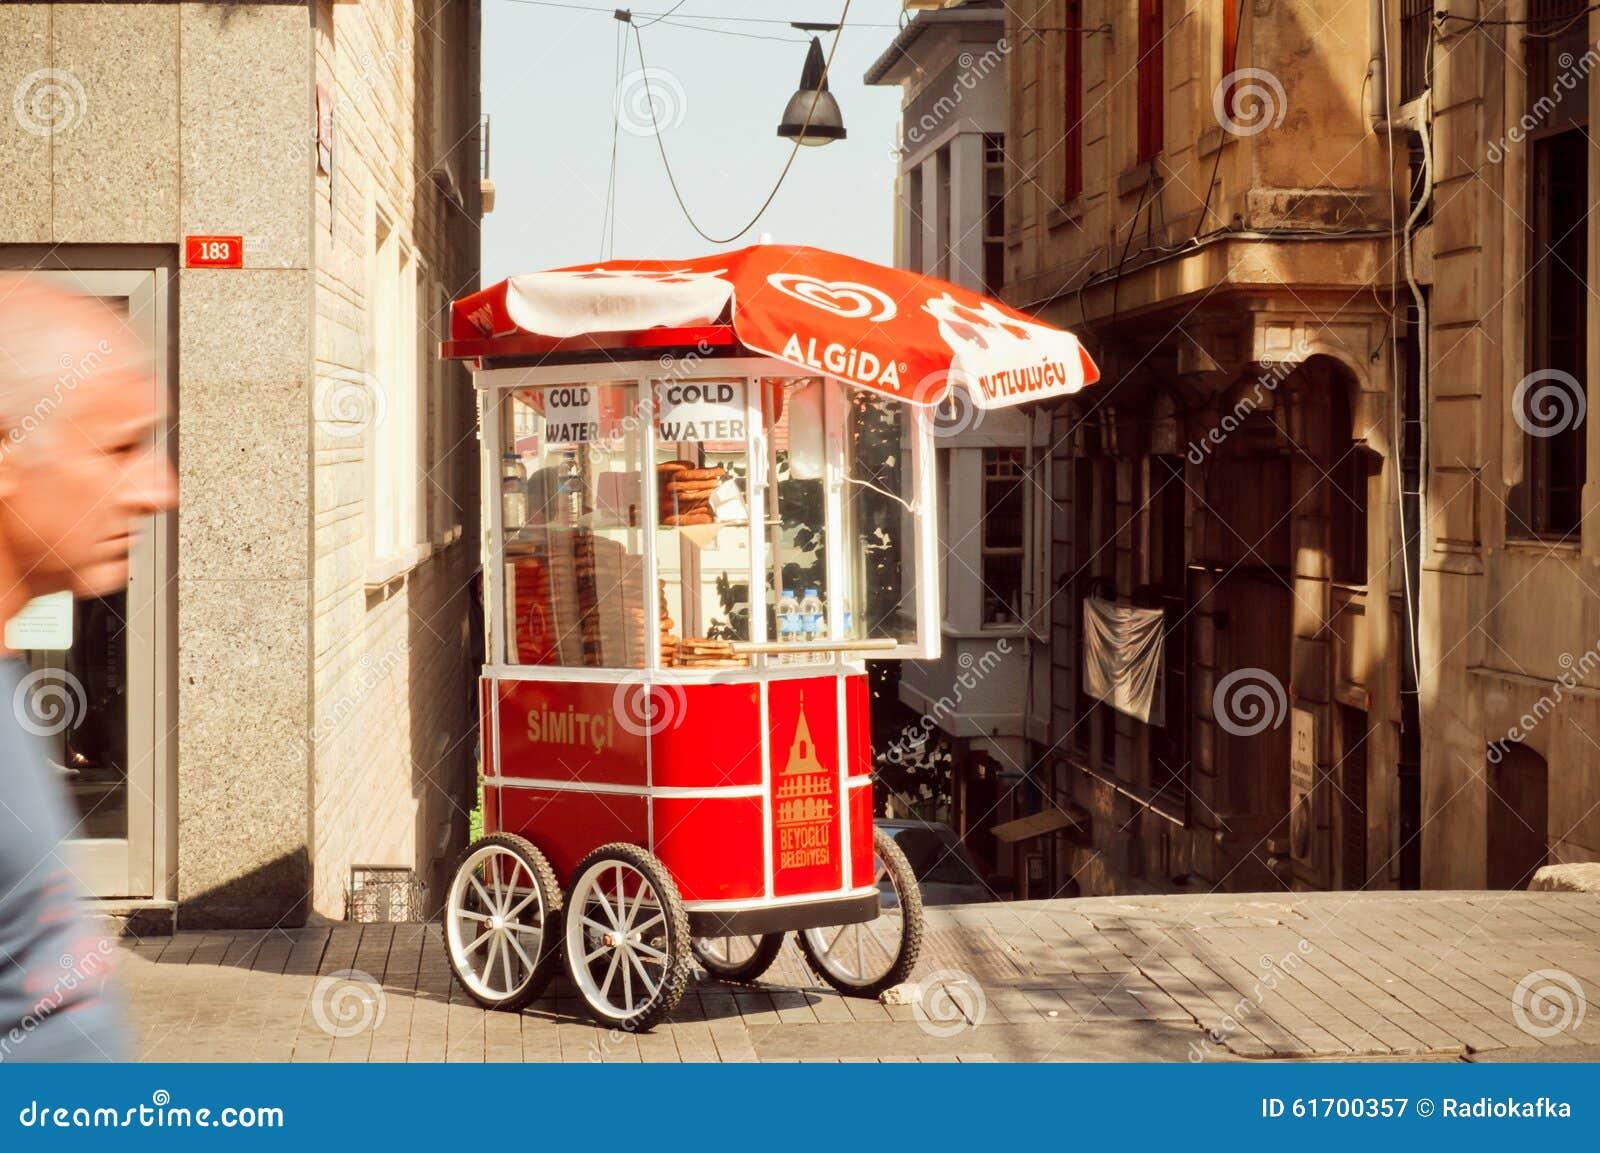 Simit Turkish Street Food